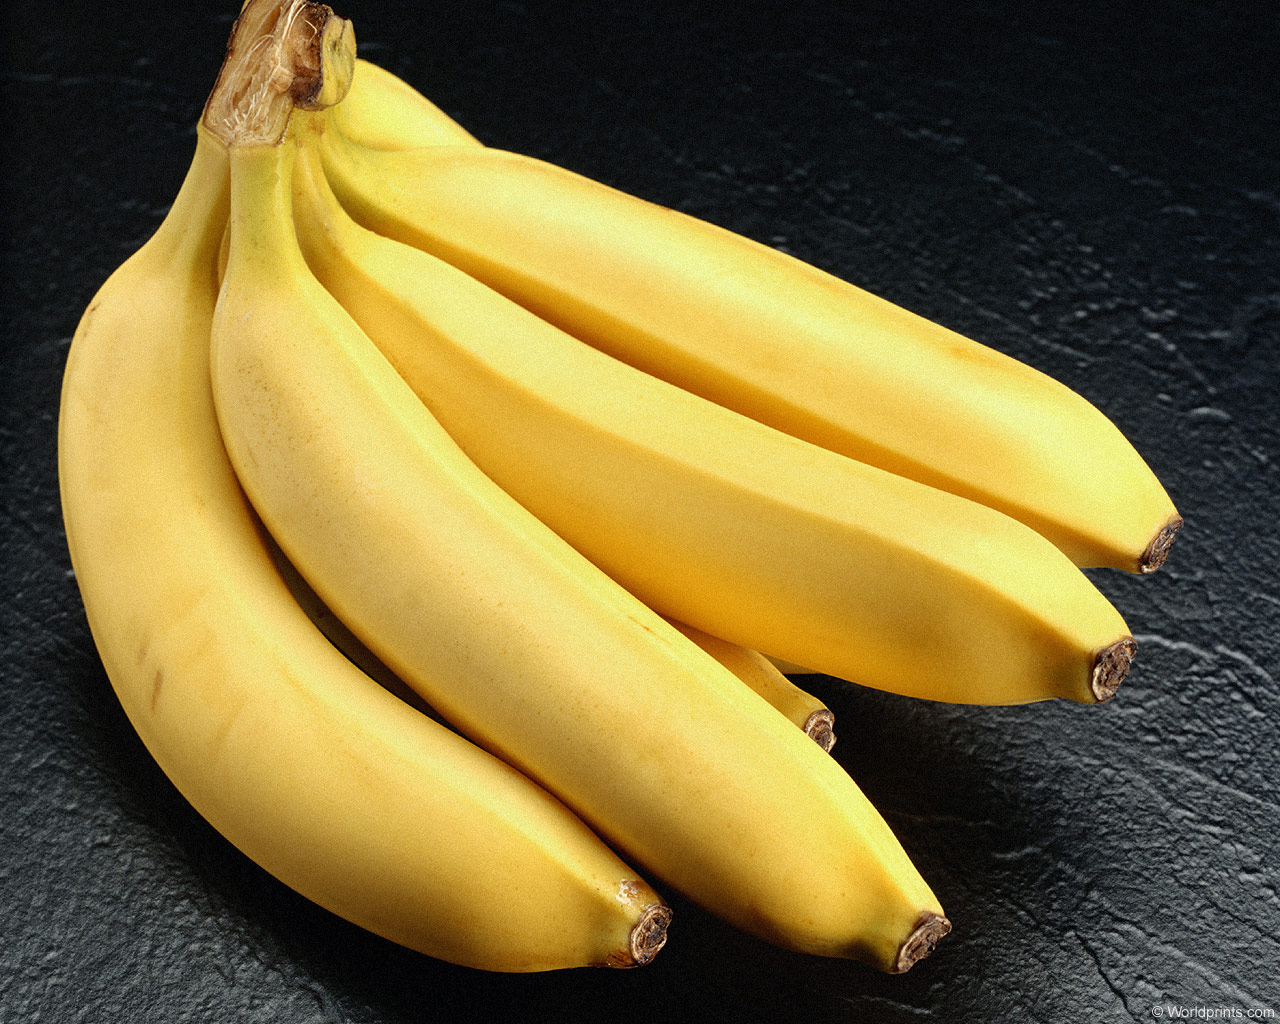 Dieta delle banane: come funziona?